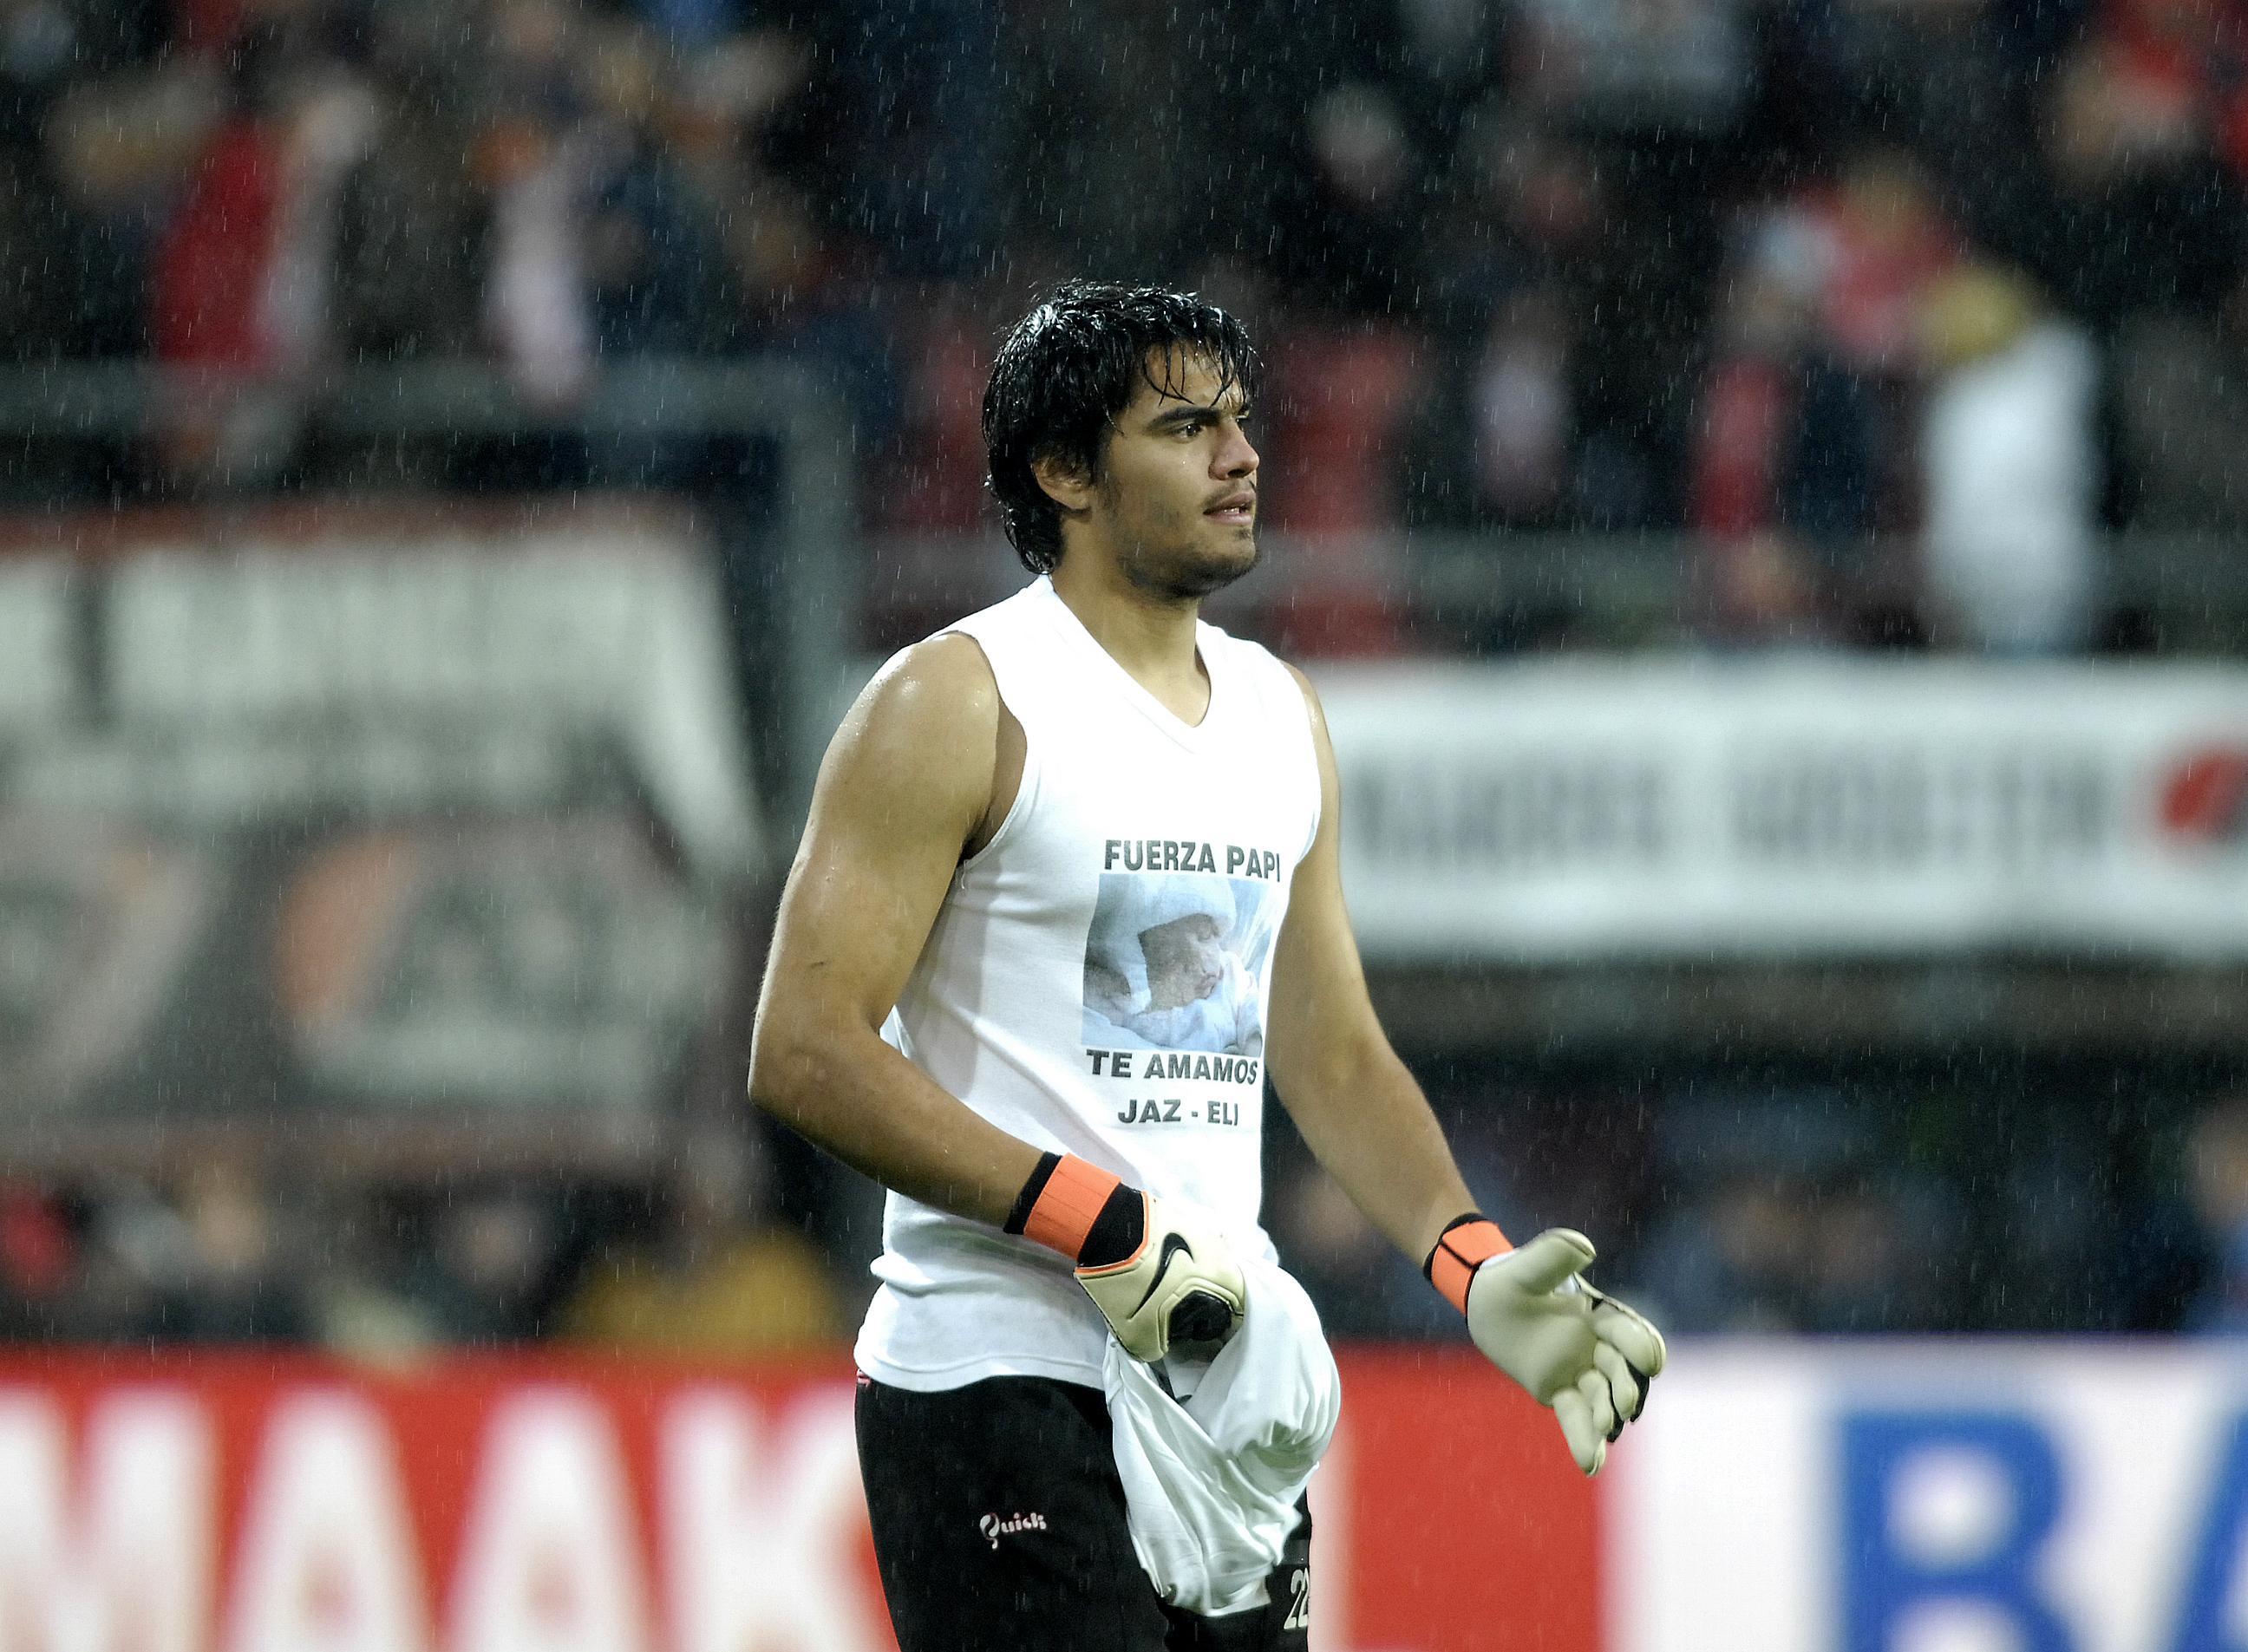 Opwinding bij AZ als Maradona belt met zijn landgenoot en zegt 'ik kom langs' | column Brian Wijker